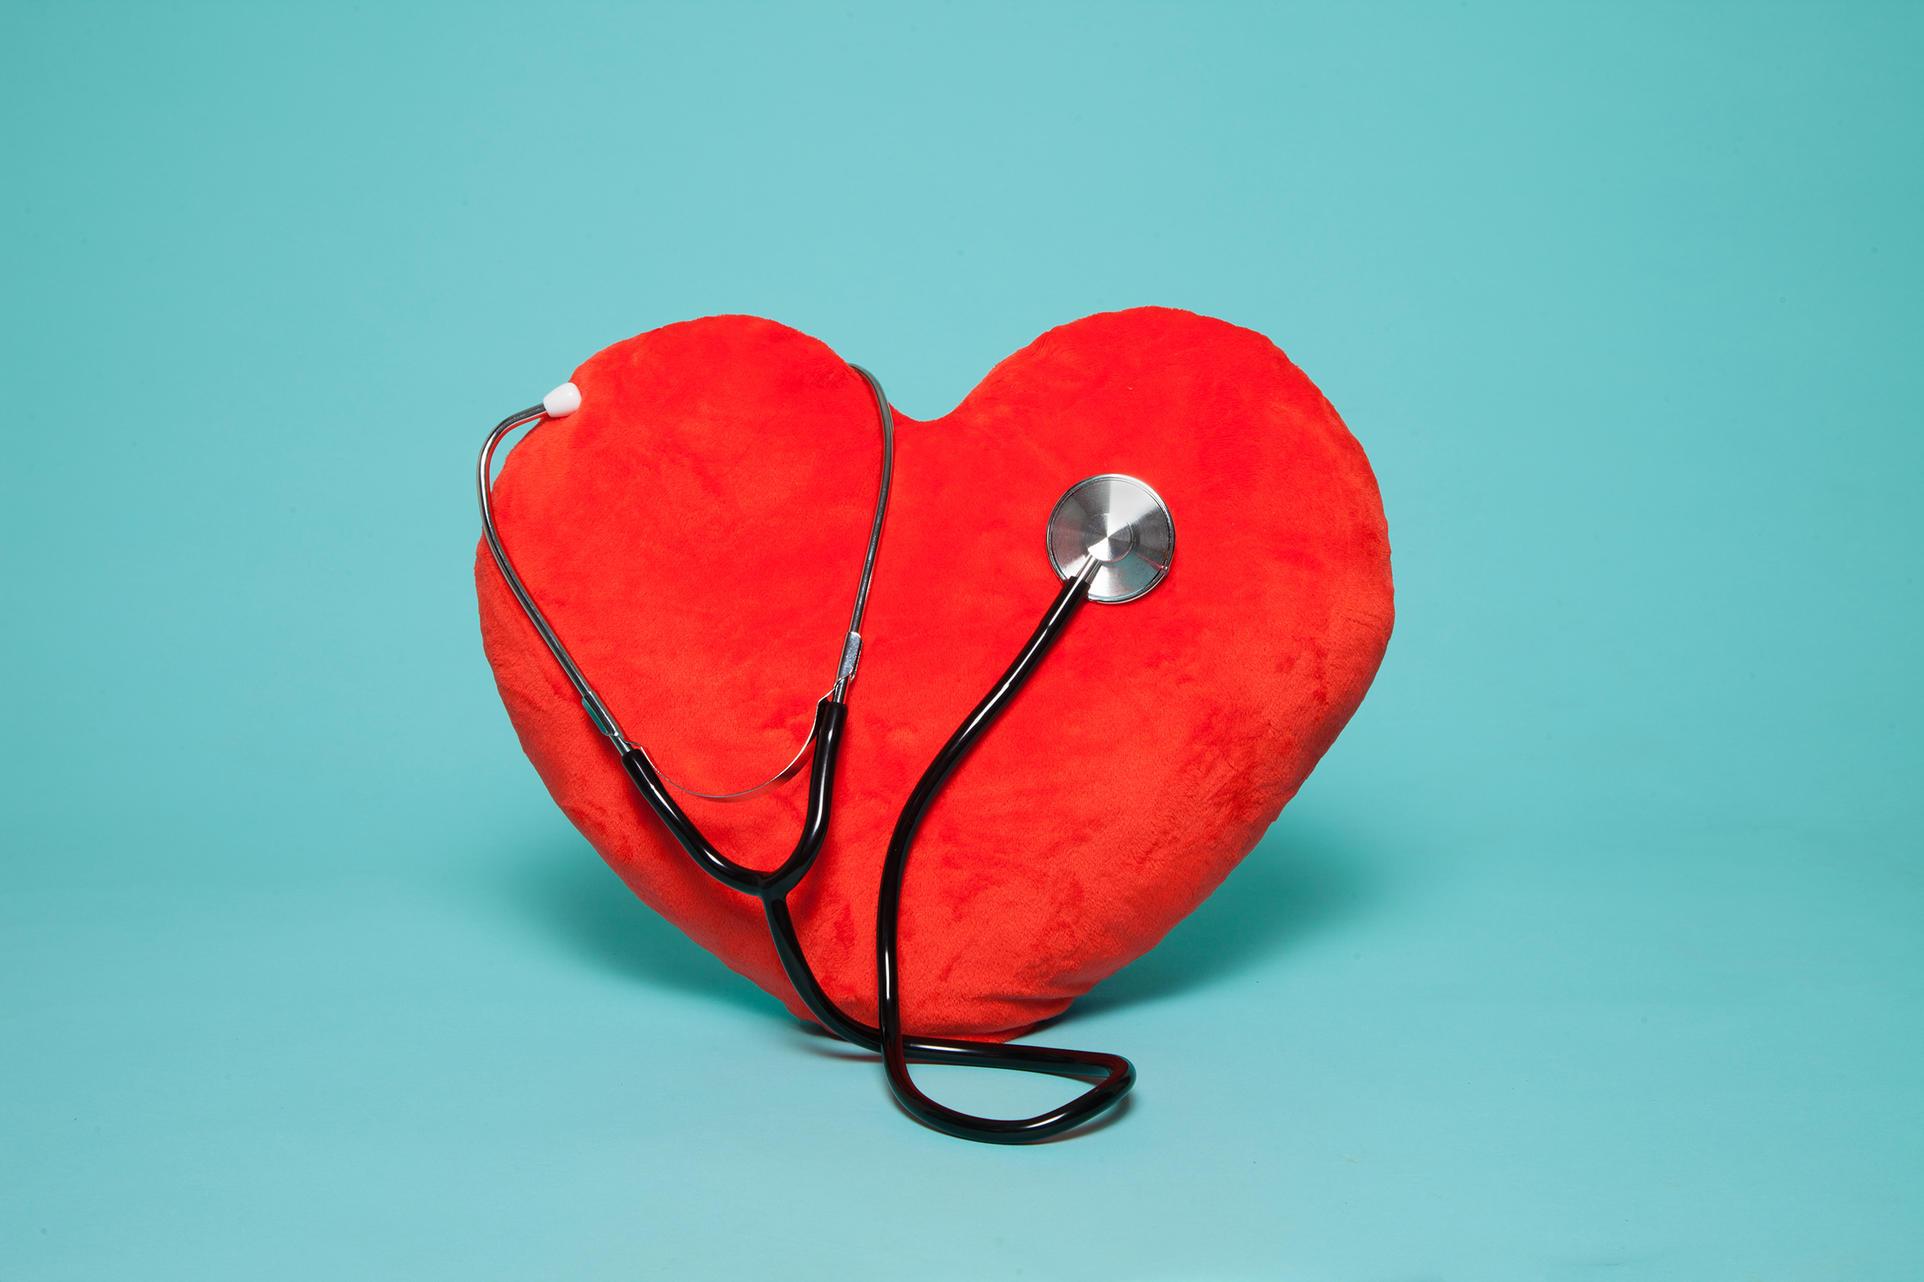 Неумение прощать может спровоцировать сердечный приступ. Исследование